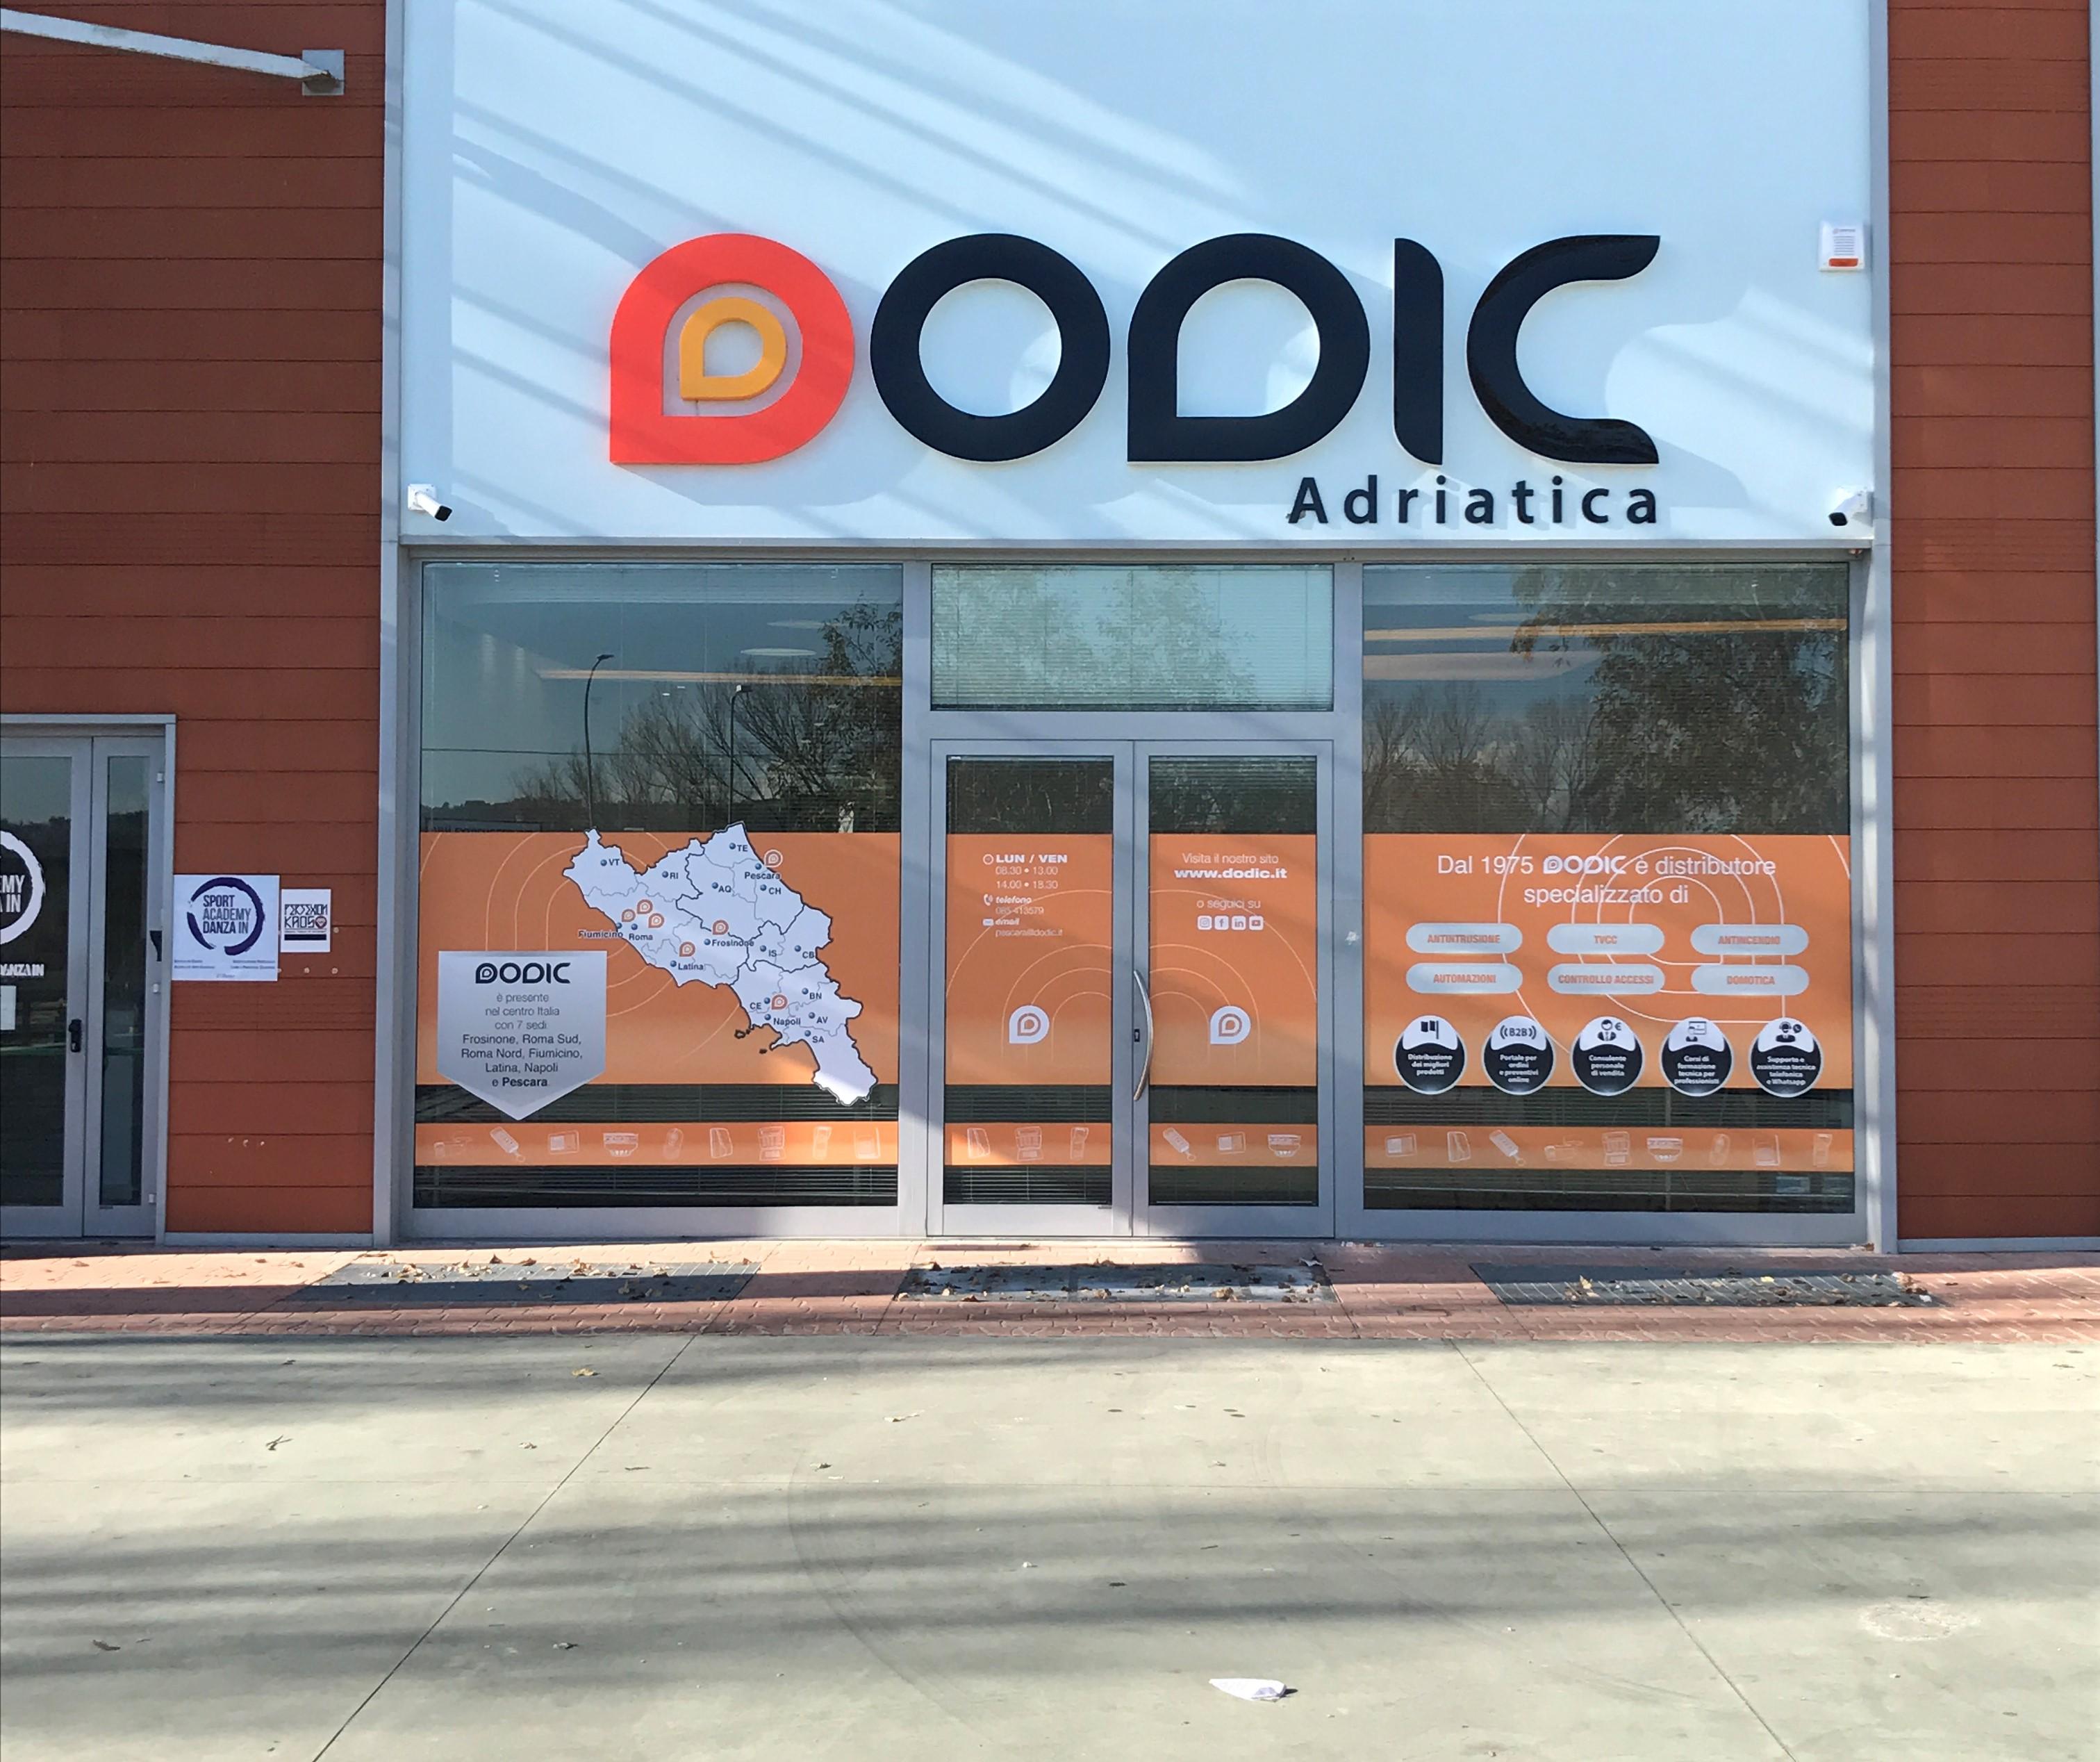 Dodic Adriatica, distributore di antintrusione, videosorveglianza, automazioni, controllo accessi, domotica e antincendio per Abruzzo e Molise